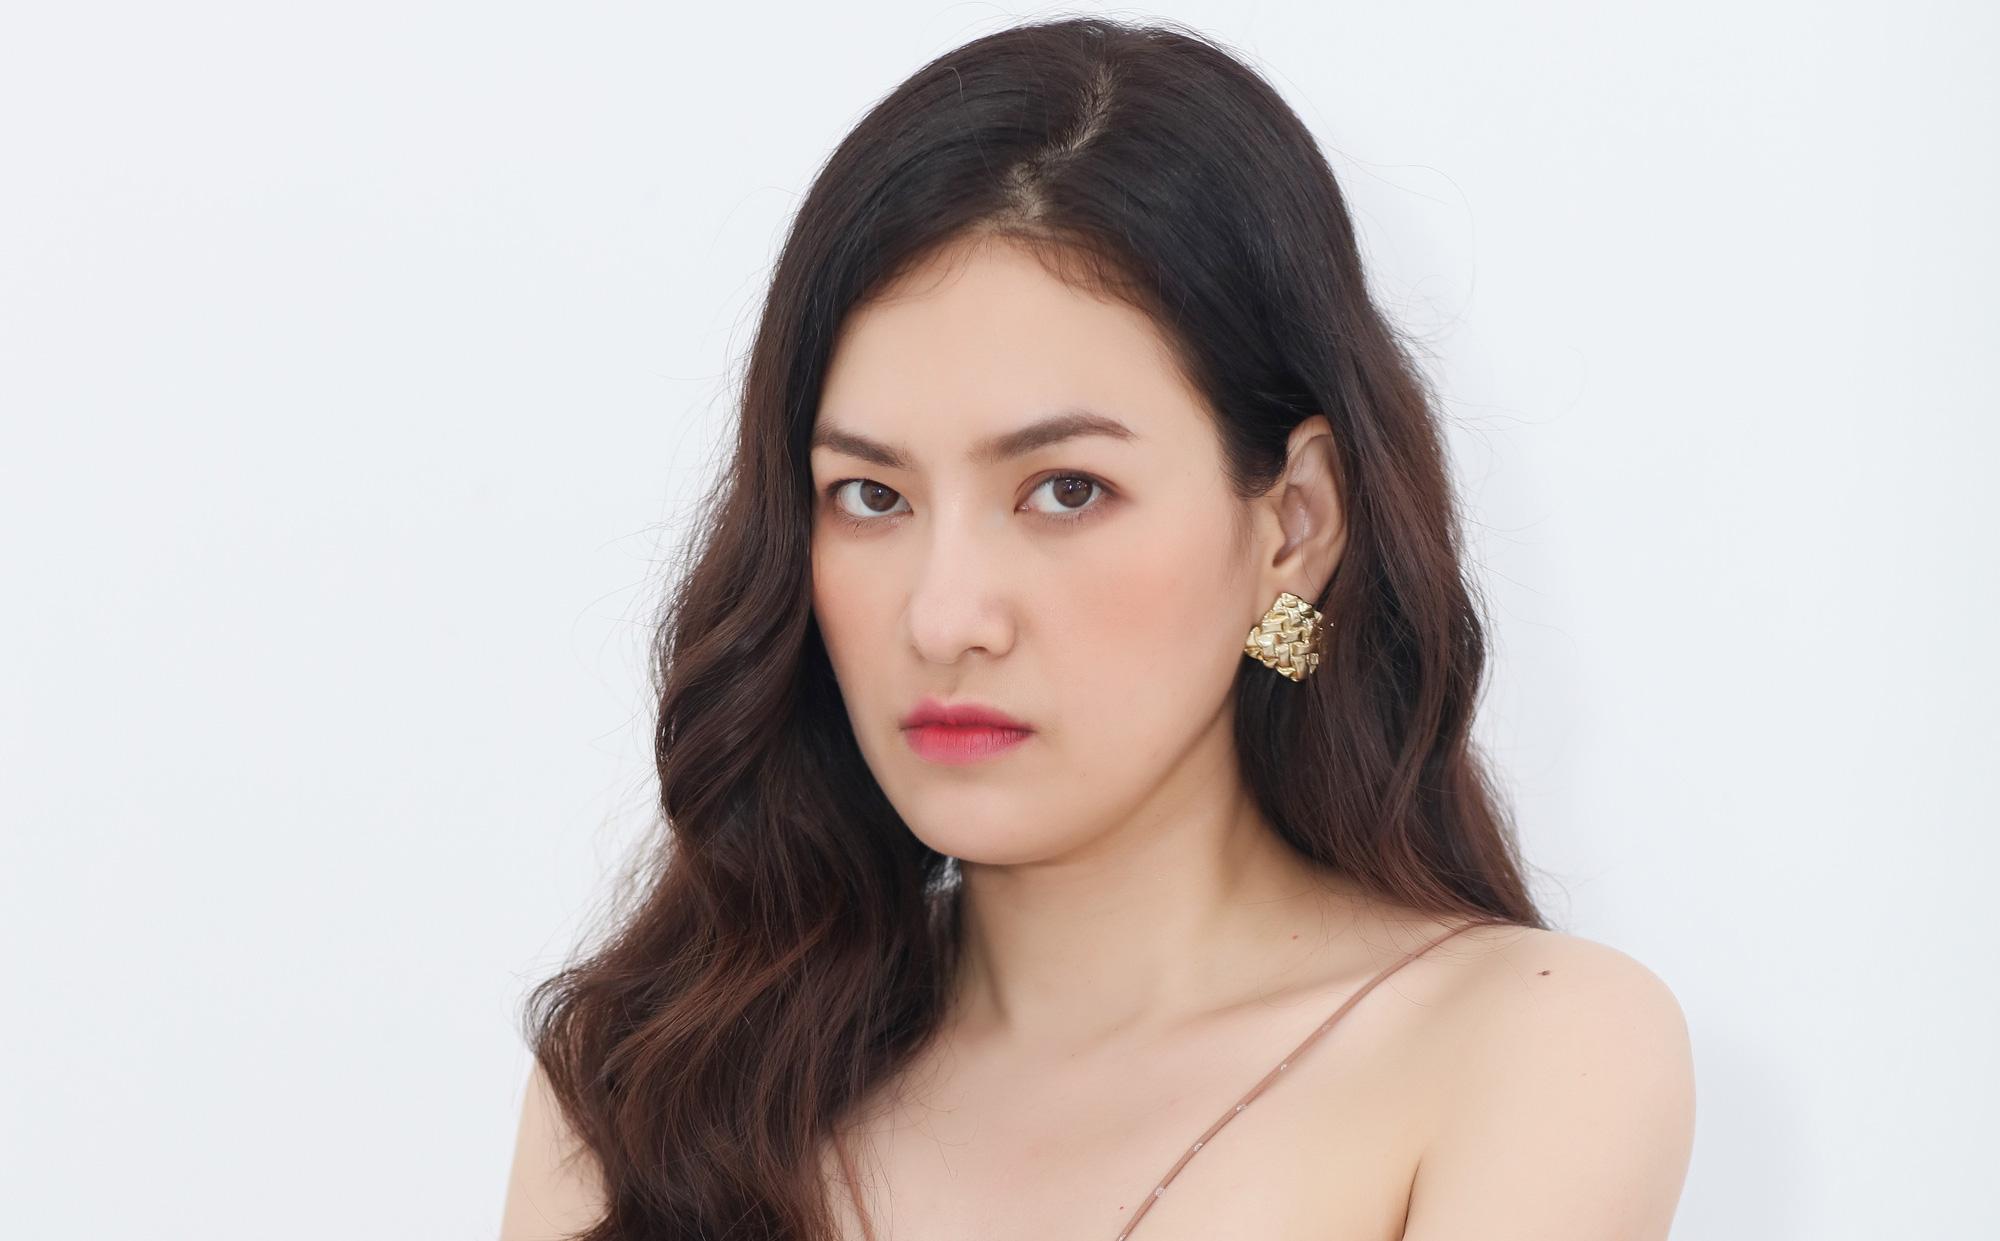 Hoa hậu Diễm Trần bị đánh tới tấp trong phim mới